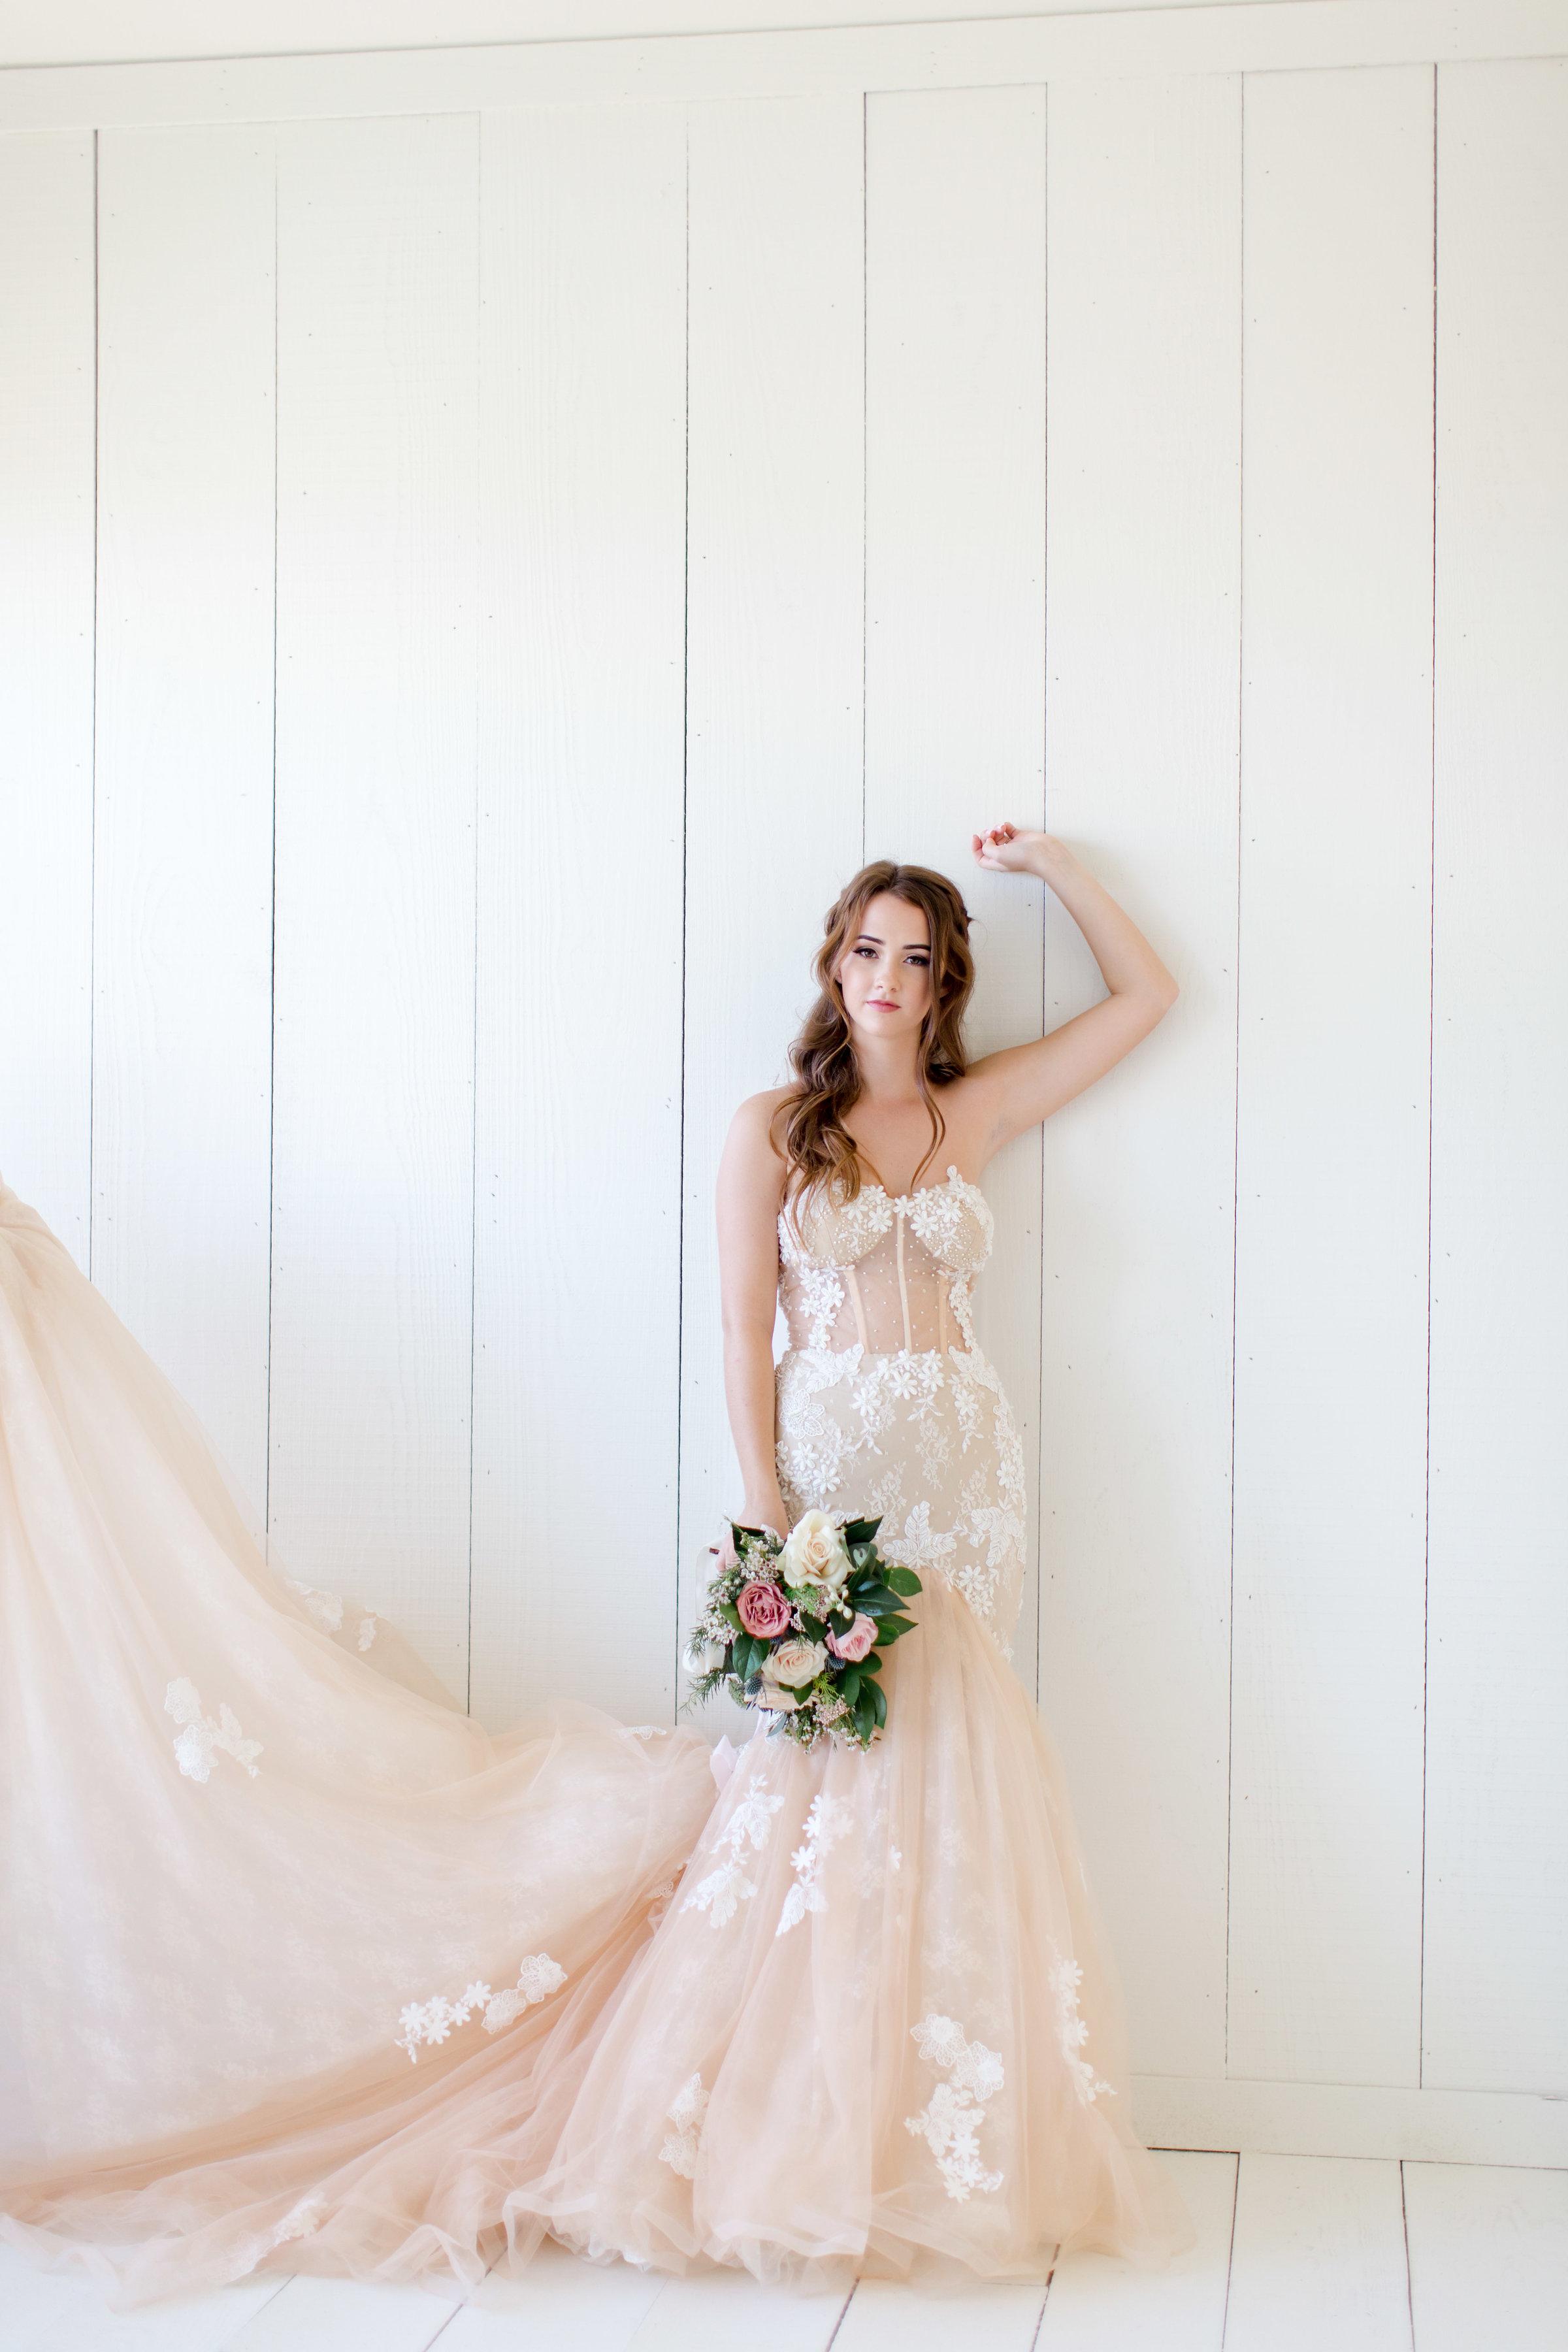 AngelicaMariePhotography_TheGrandIvoryWedding_DallasWeddingPhotographer_070.JPG